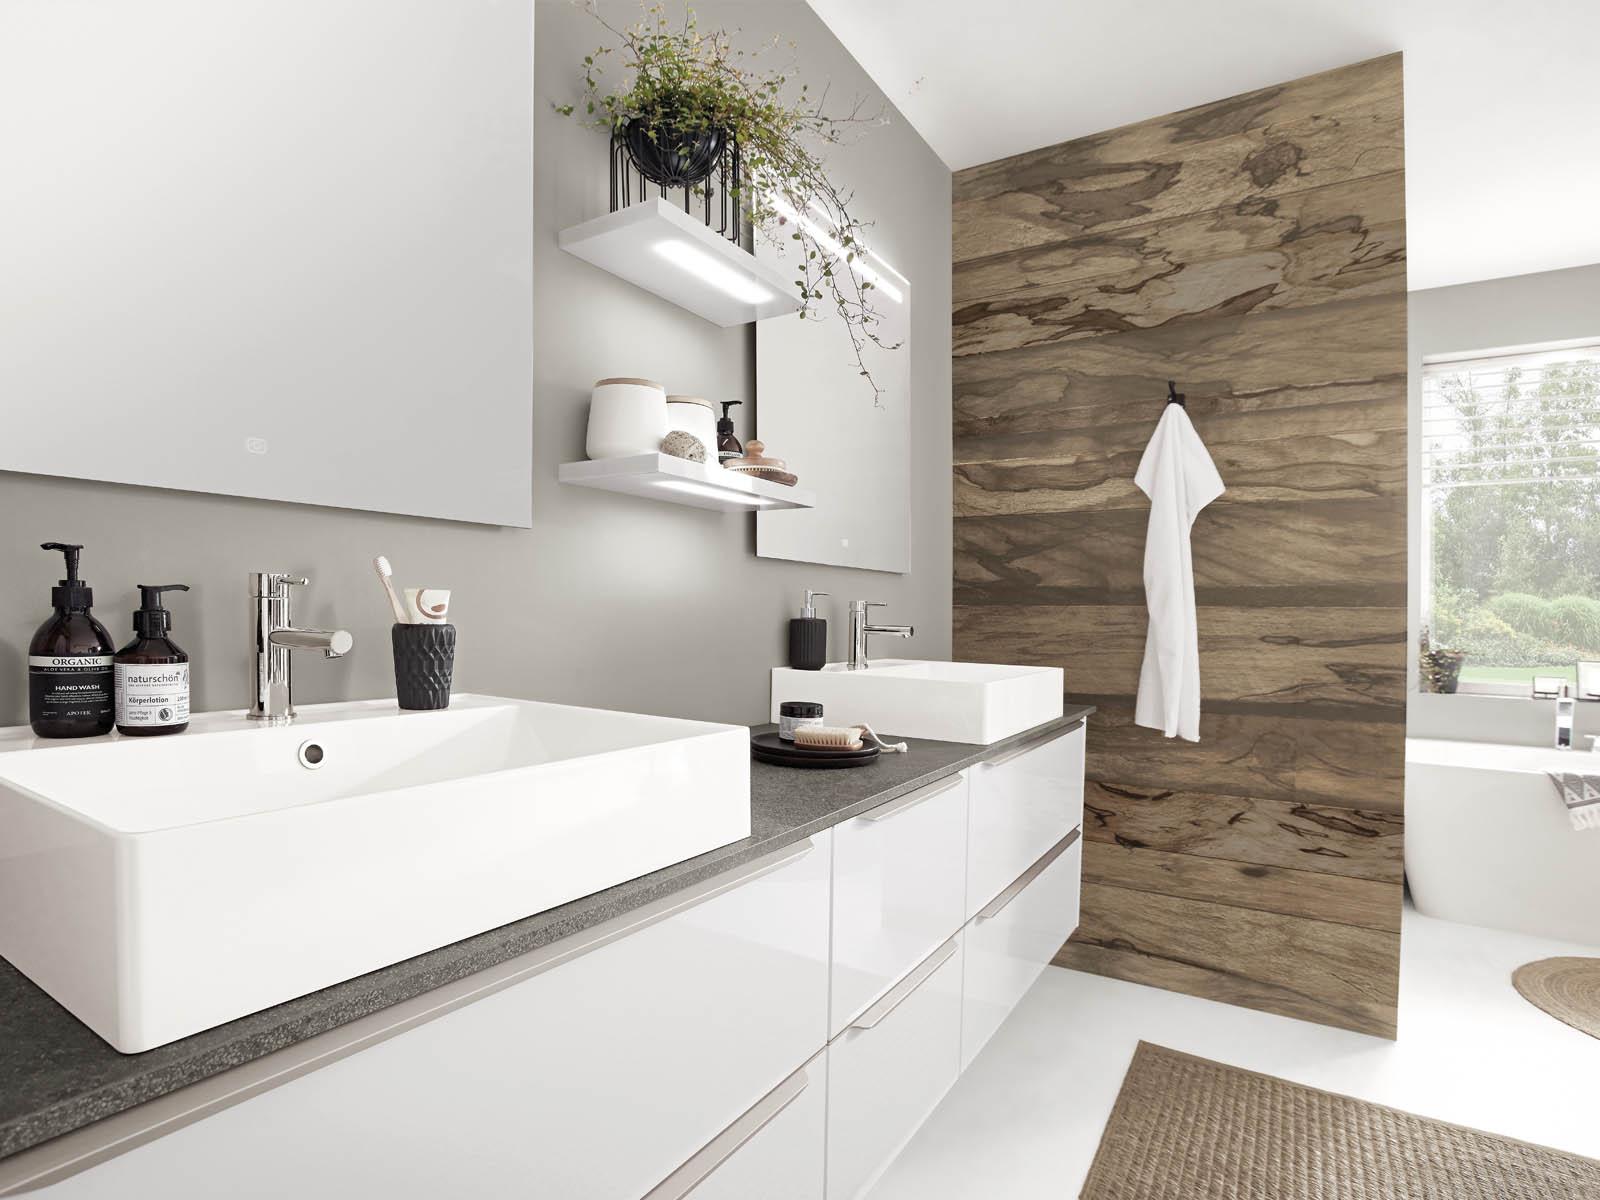 Küchentime Lux 817 - Bathroom